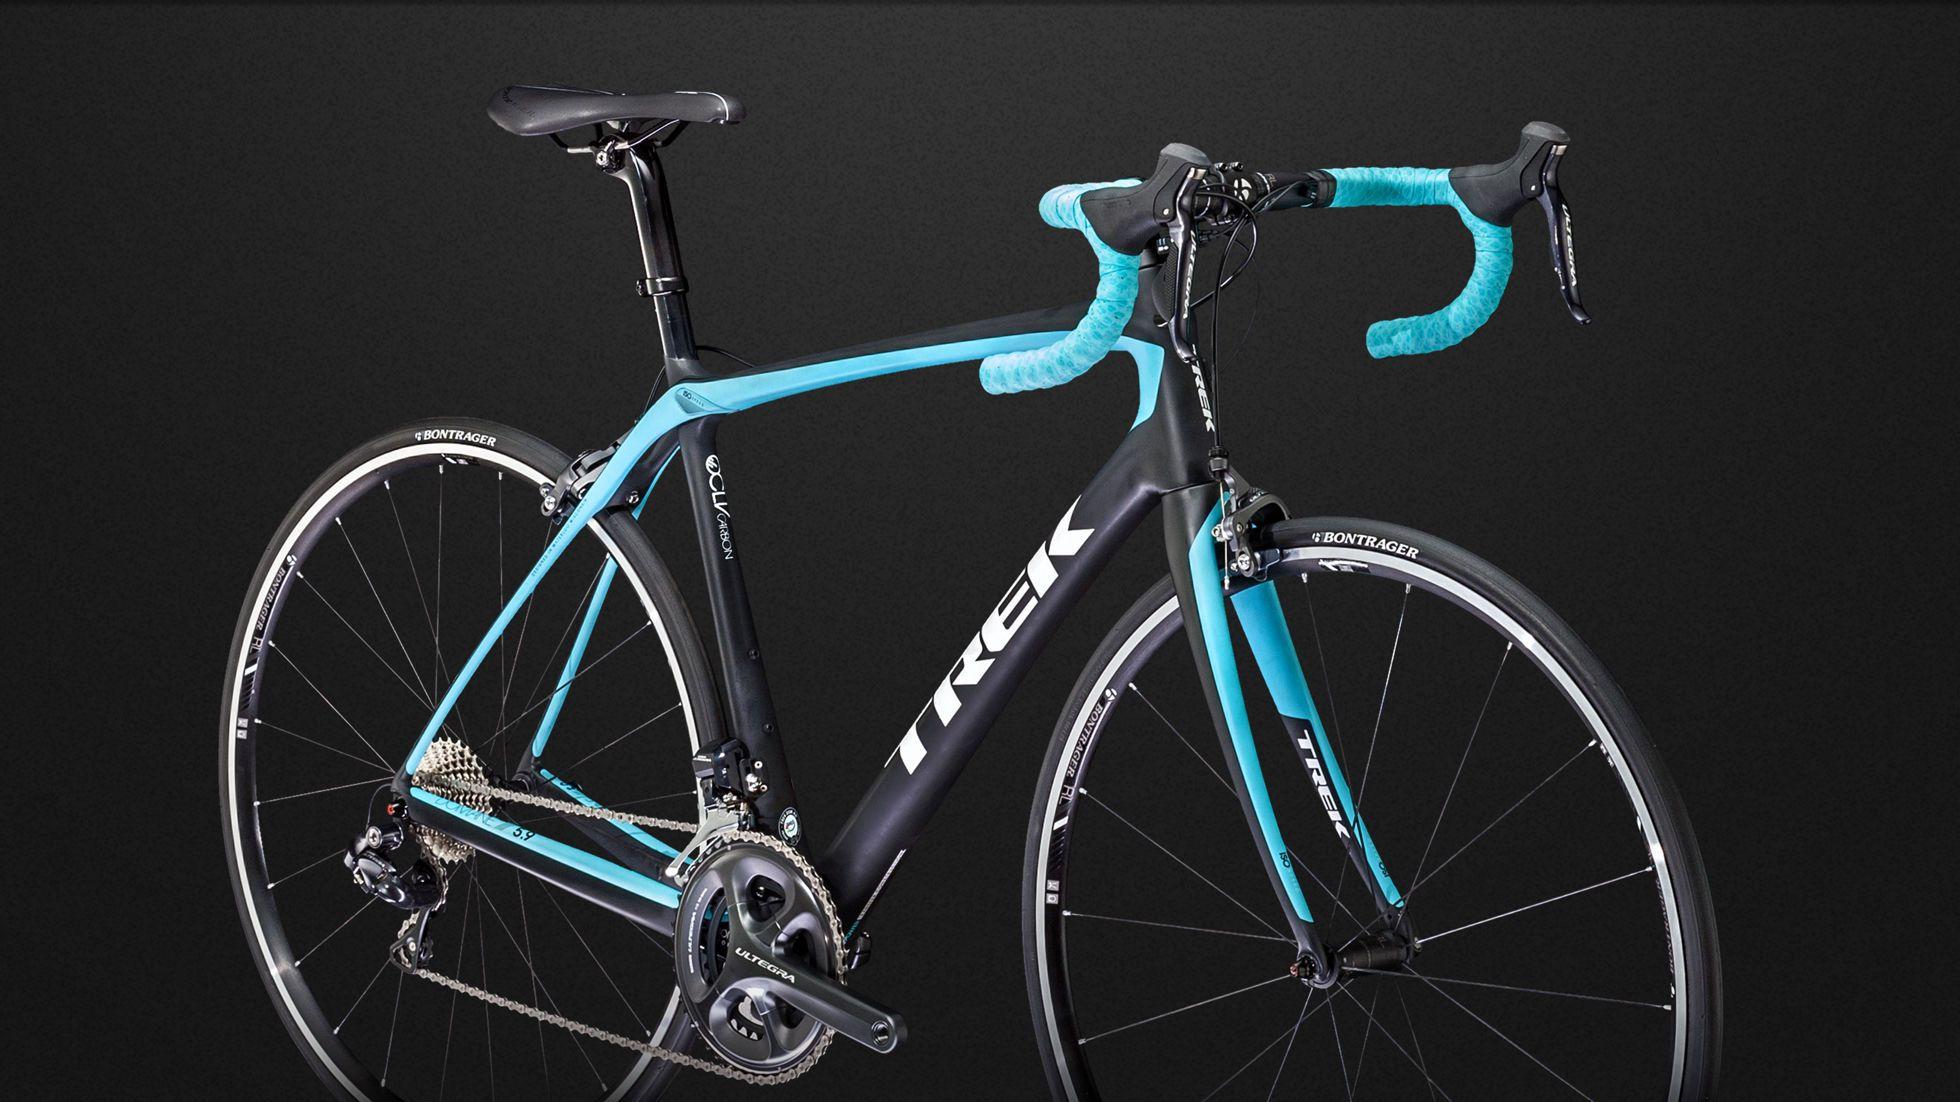 Domane 5 Series Trek Bicycle Trek Bicycle Trek Bikes Bicycle